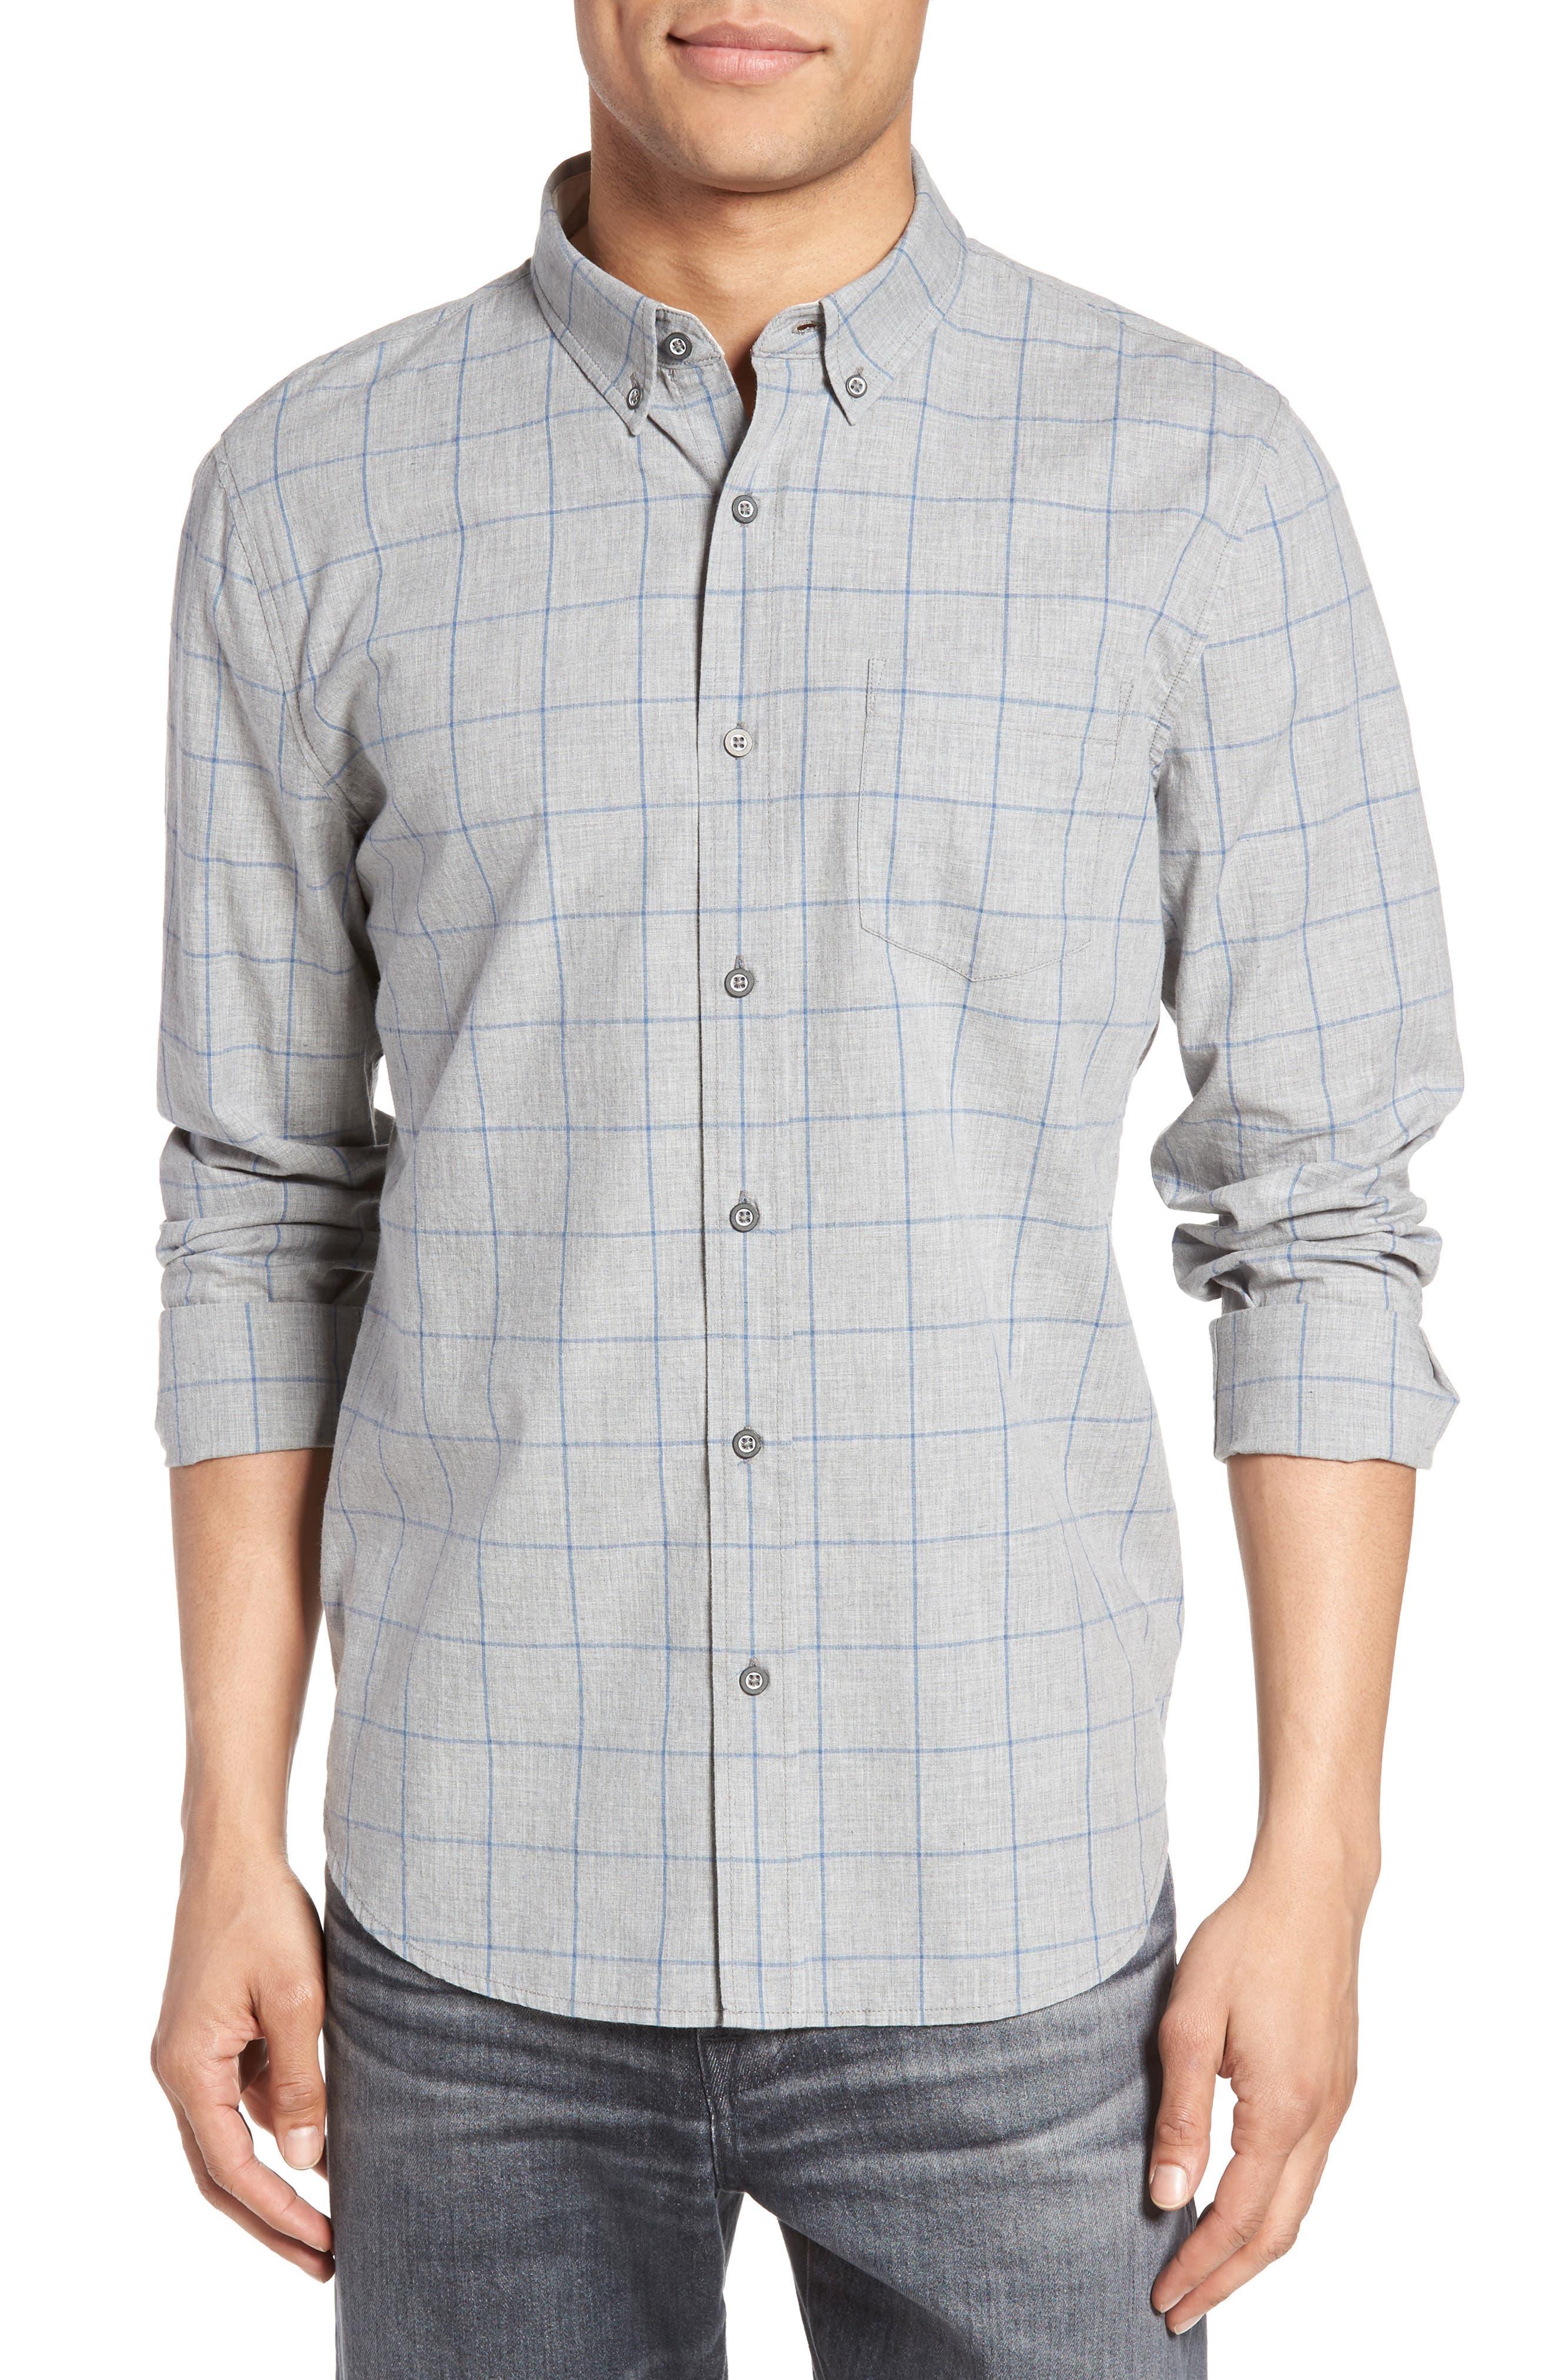 AG Grady Cotton Sport Shirt